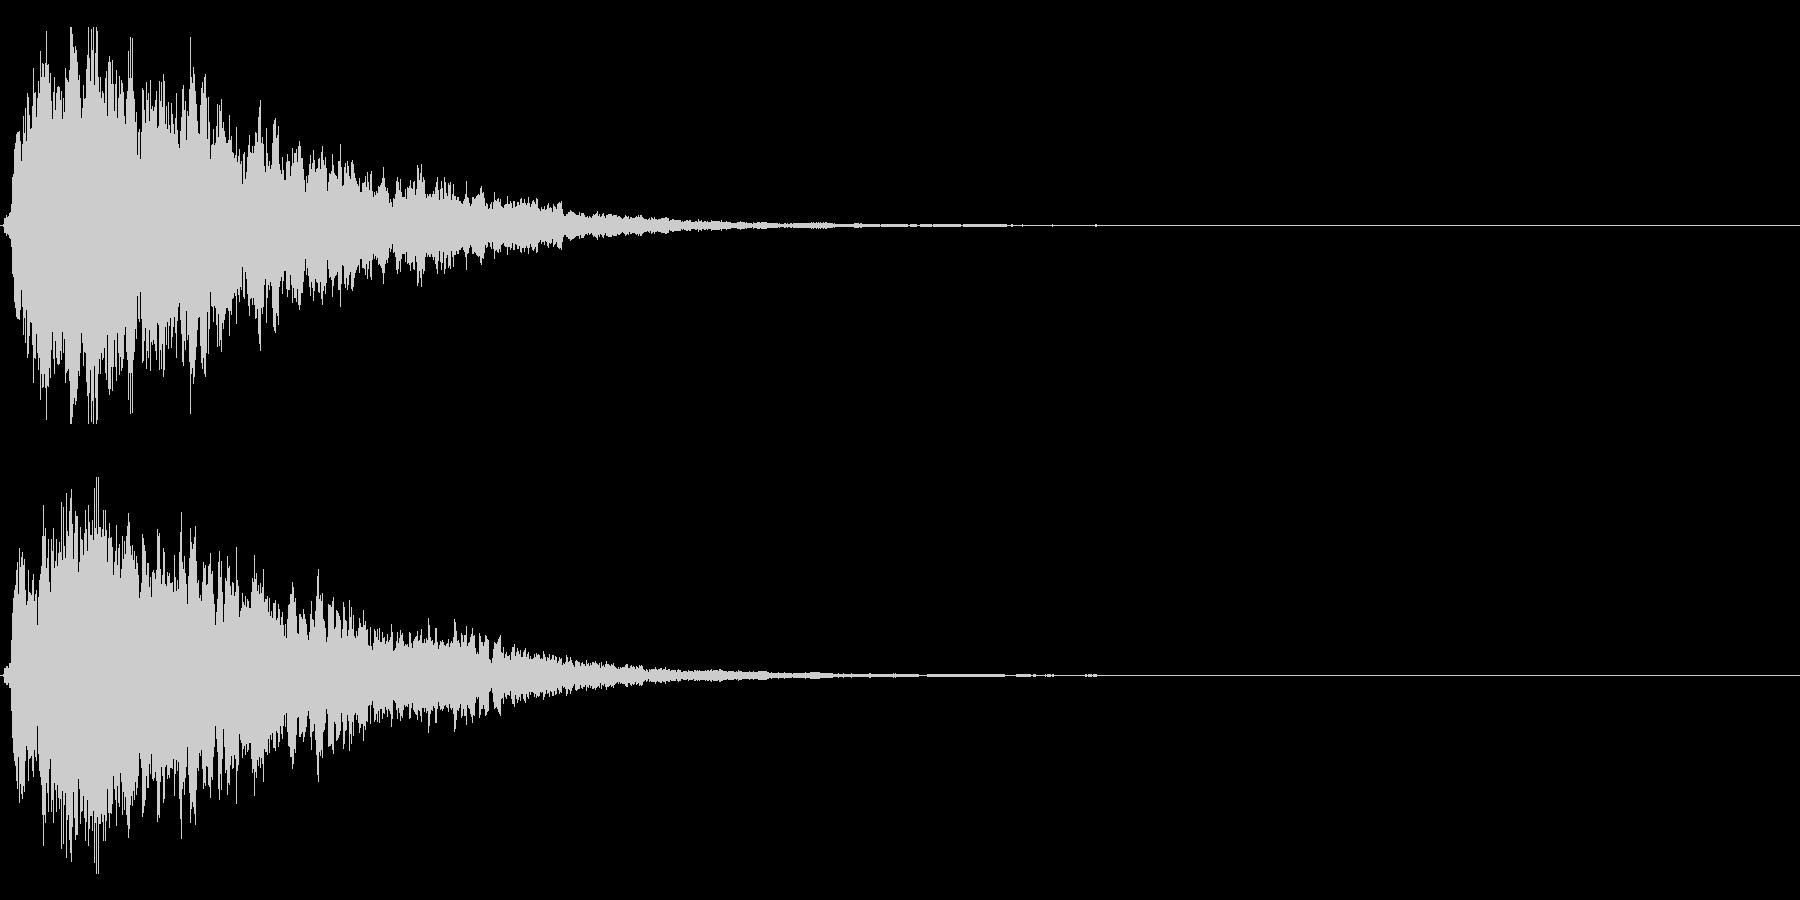 キラキラ輝く テロップ音 ボタン音!3cの未再生の波形